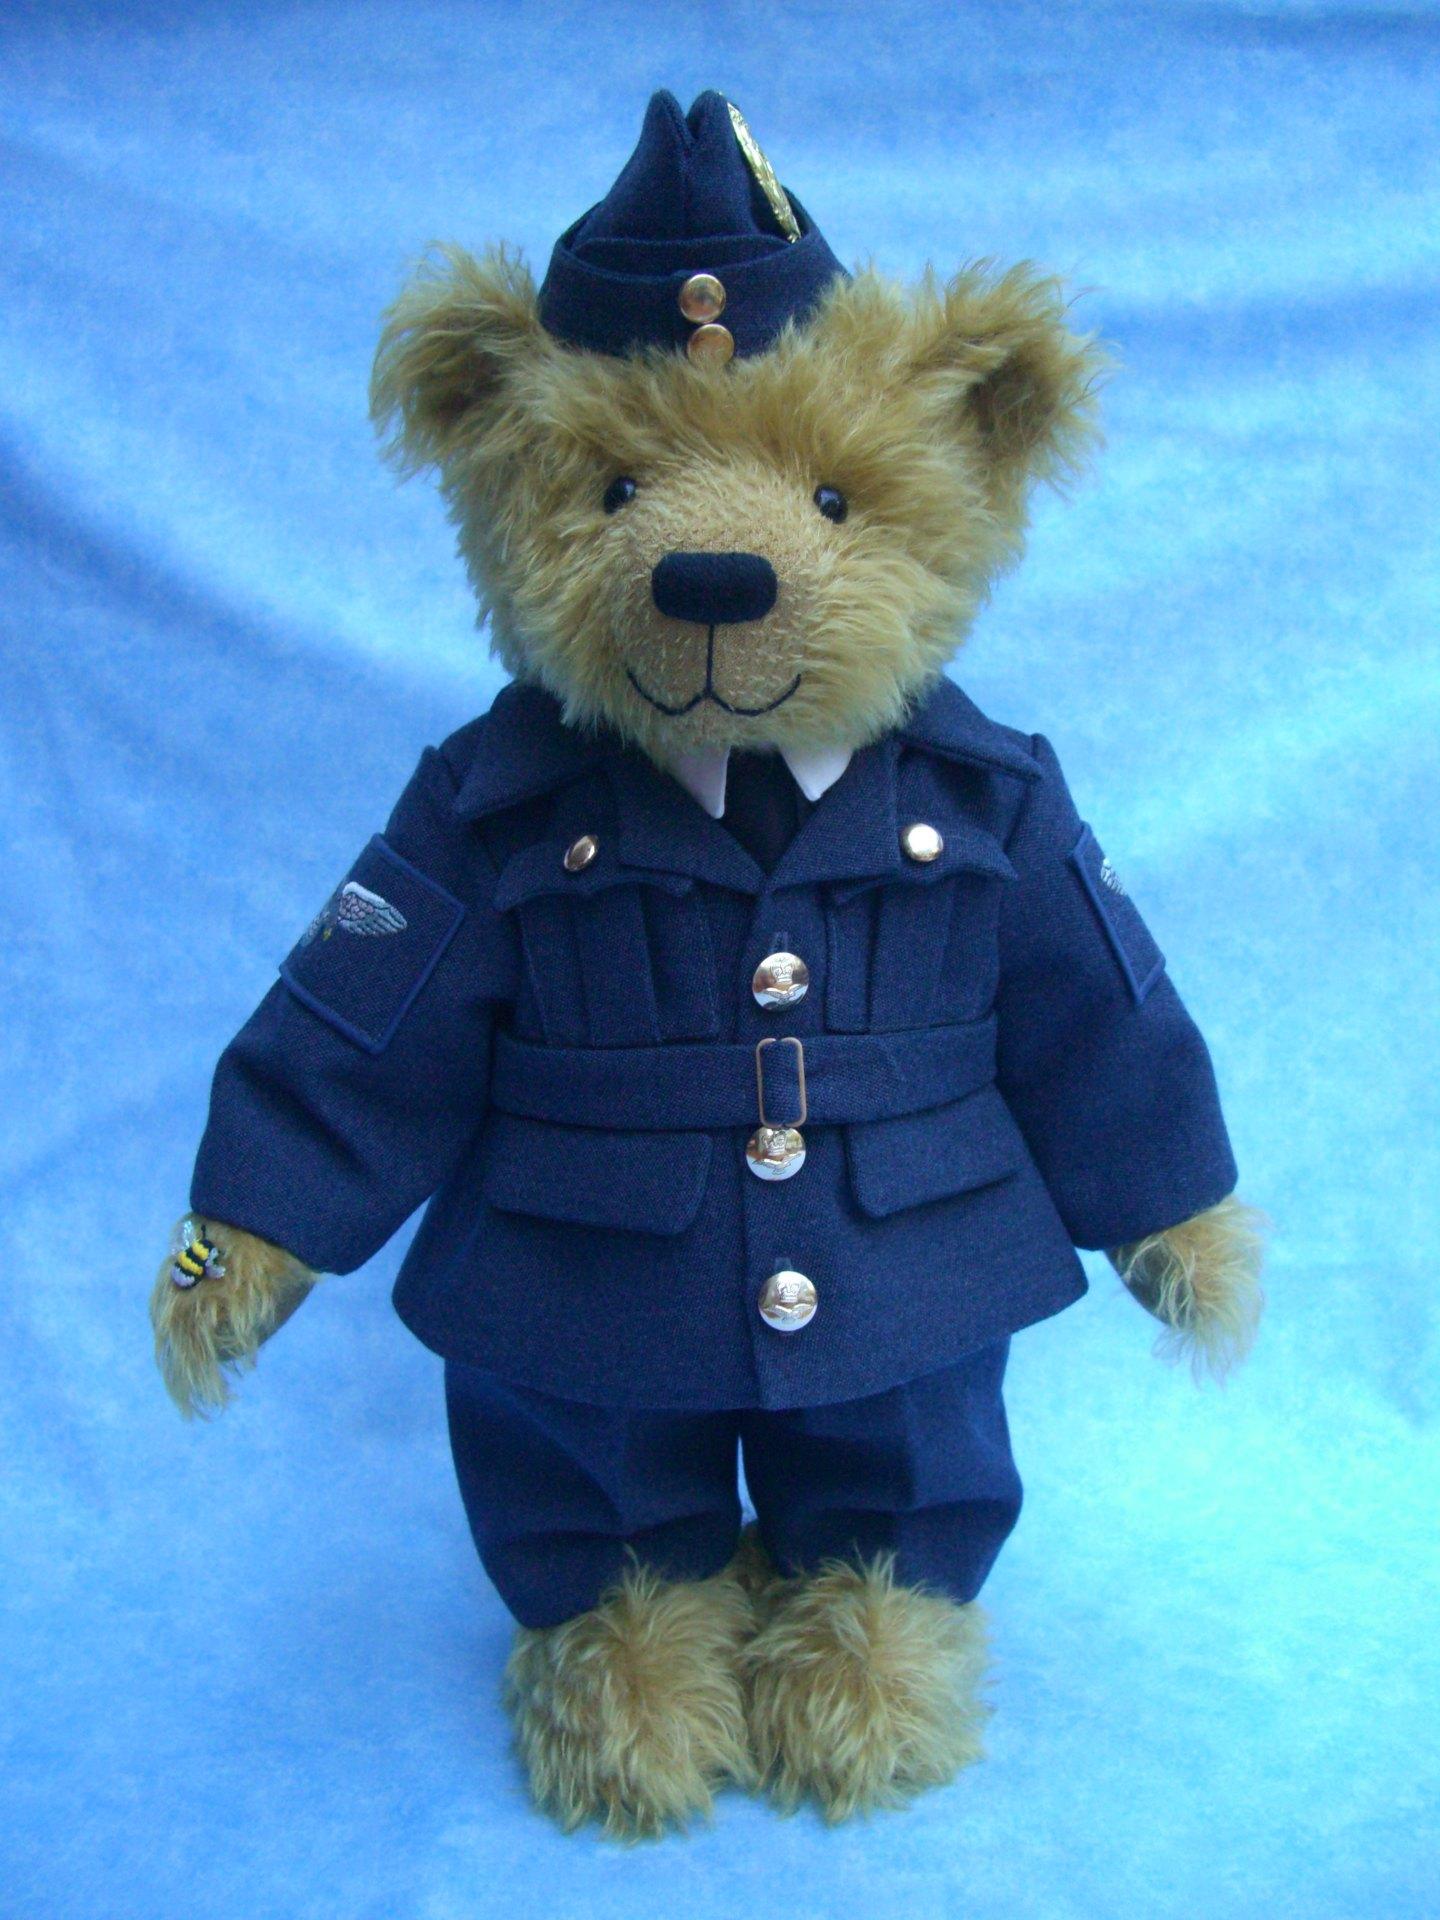 Ernie the RAF Serviceman